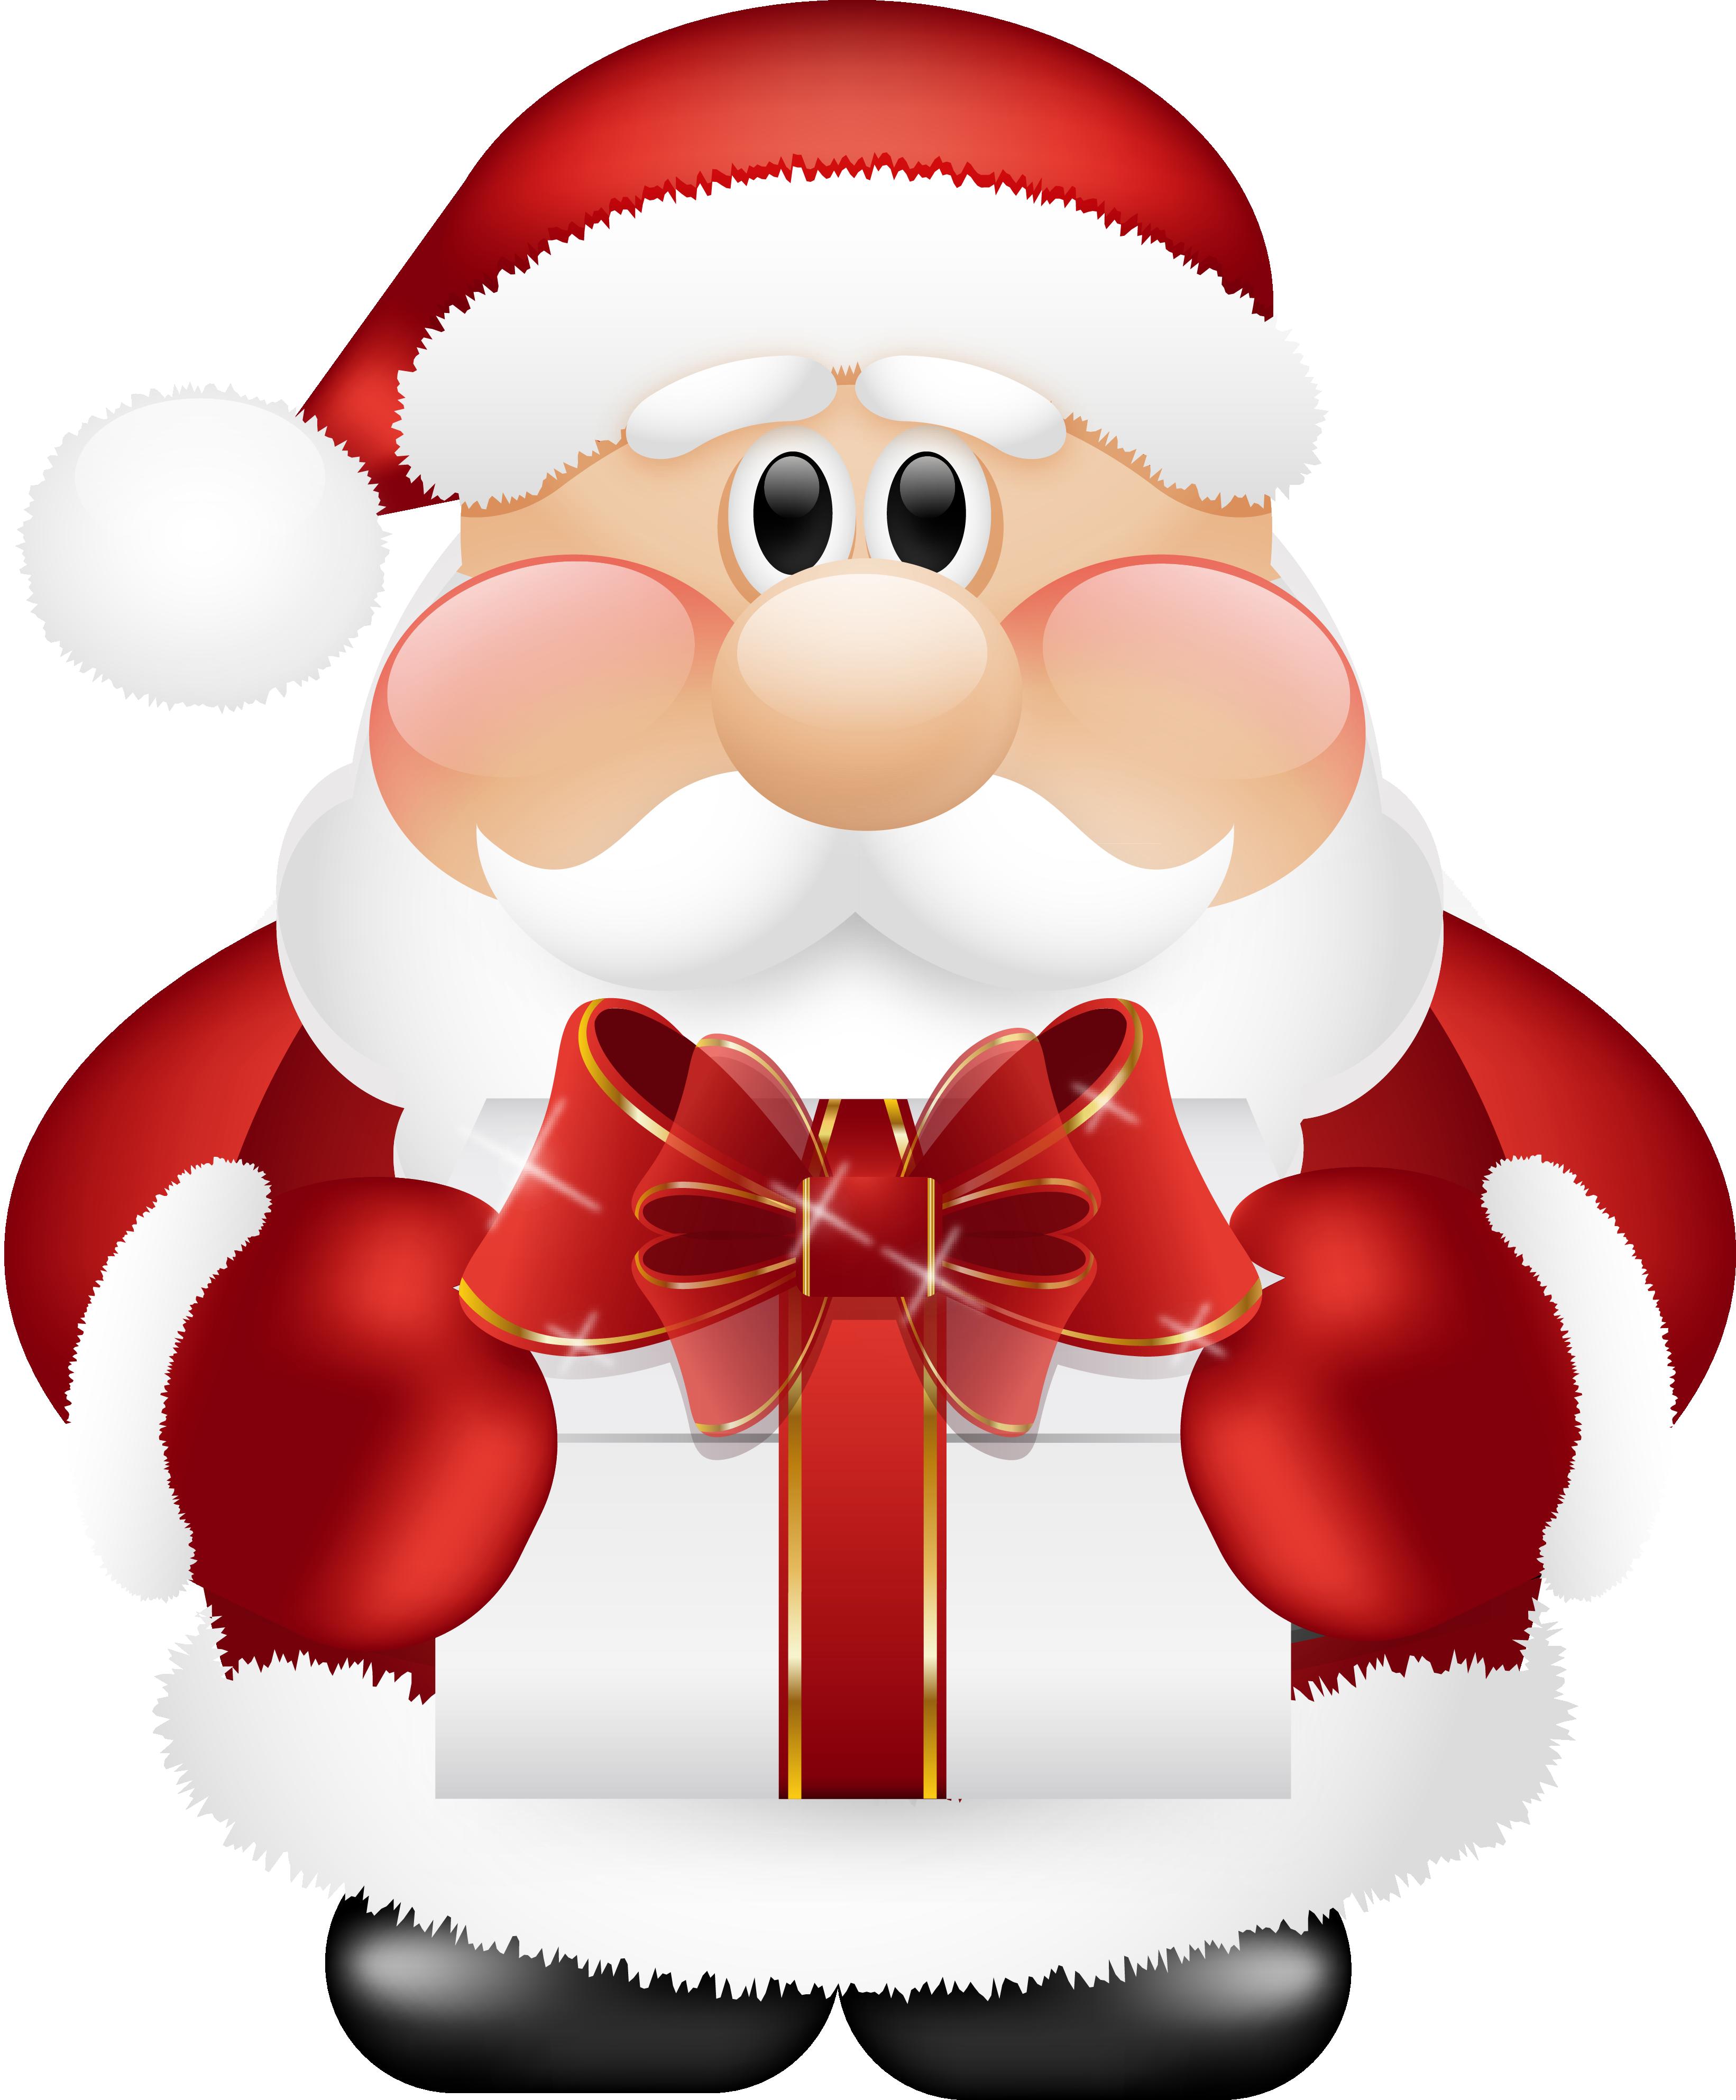 Cute Santa Claus Clip Art-Cute Santa Claus Clip Art-3